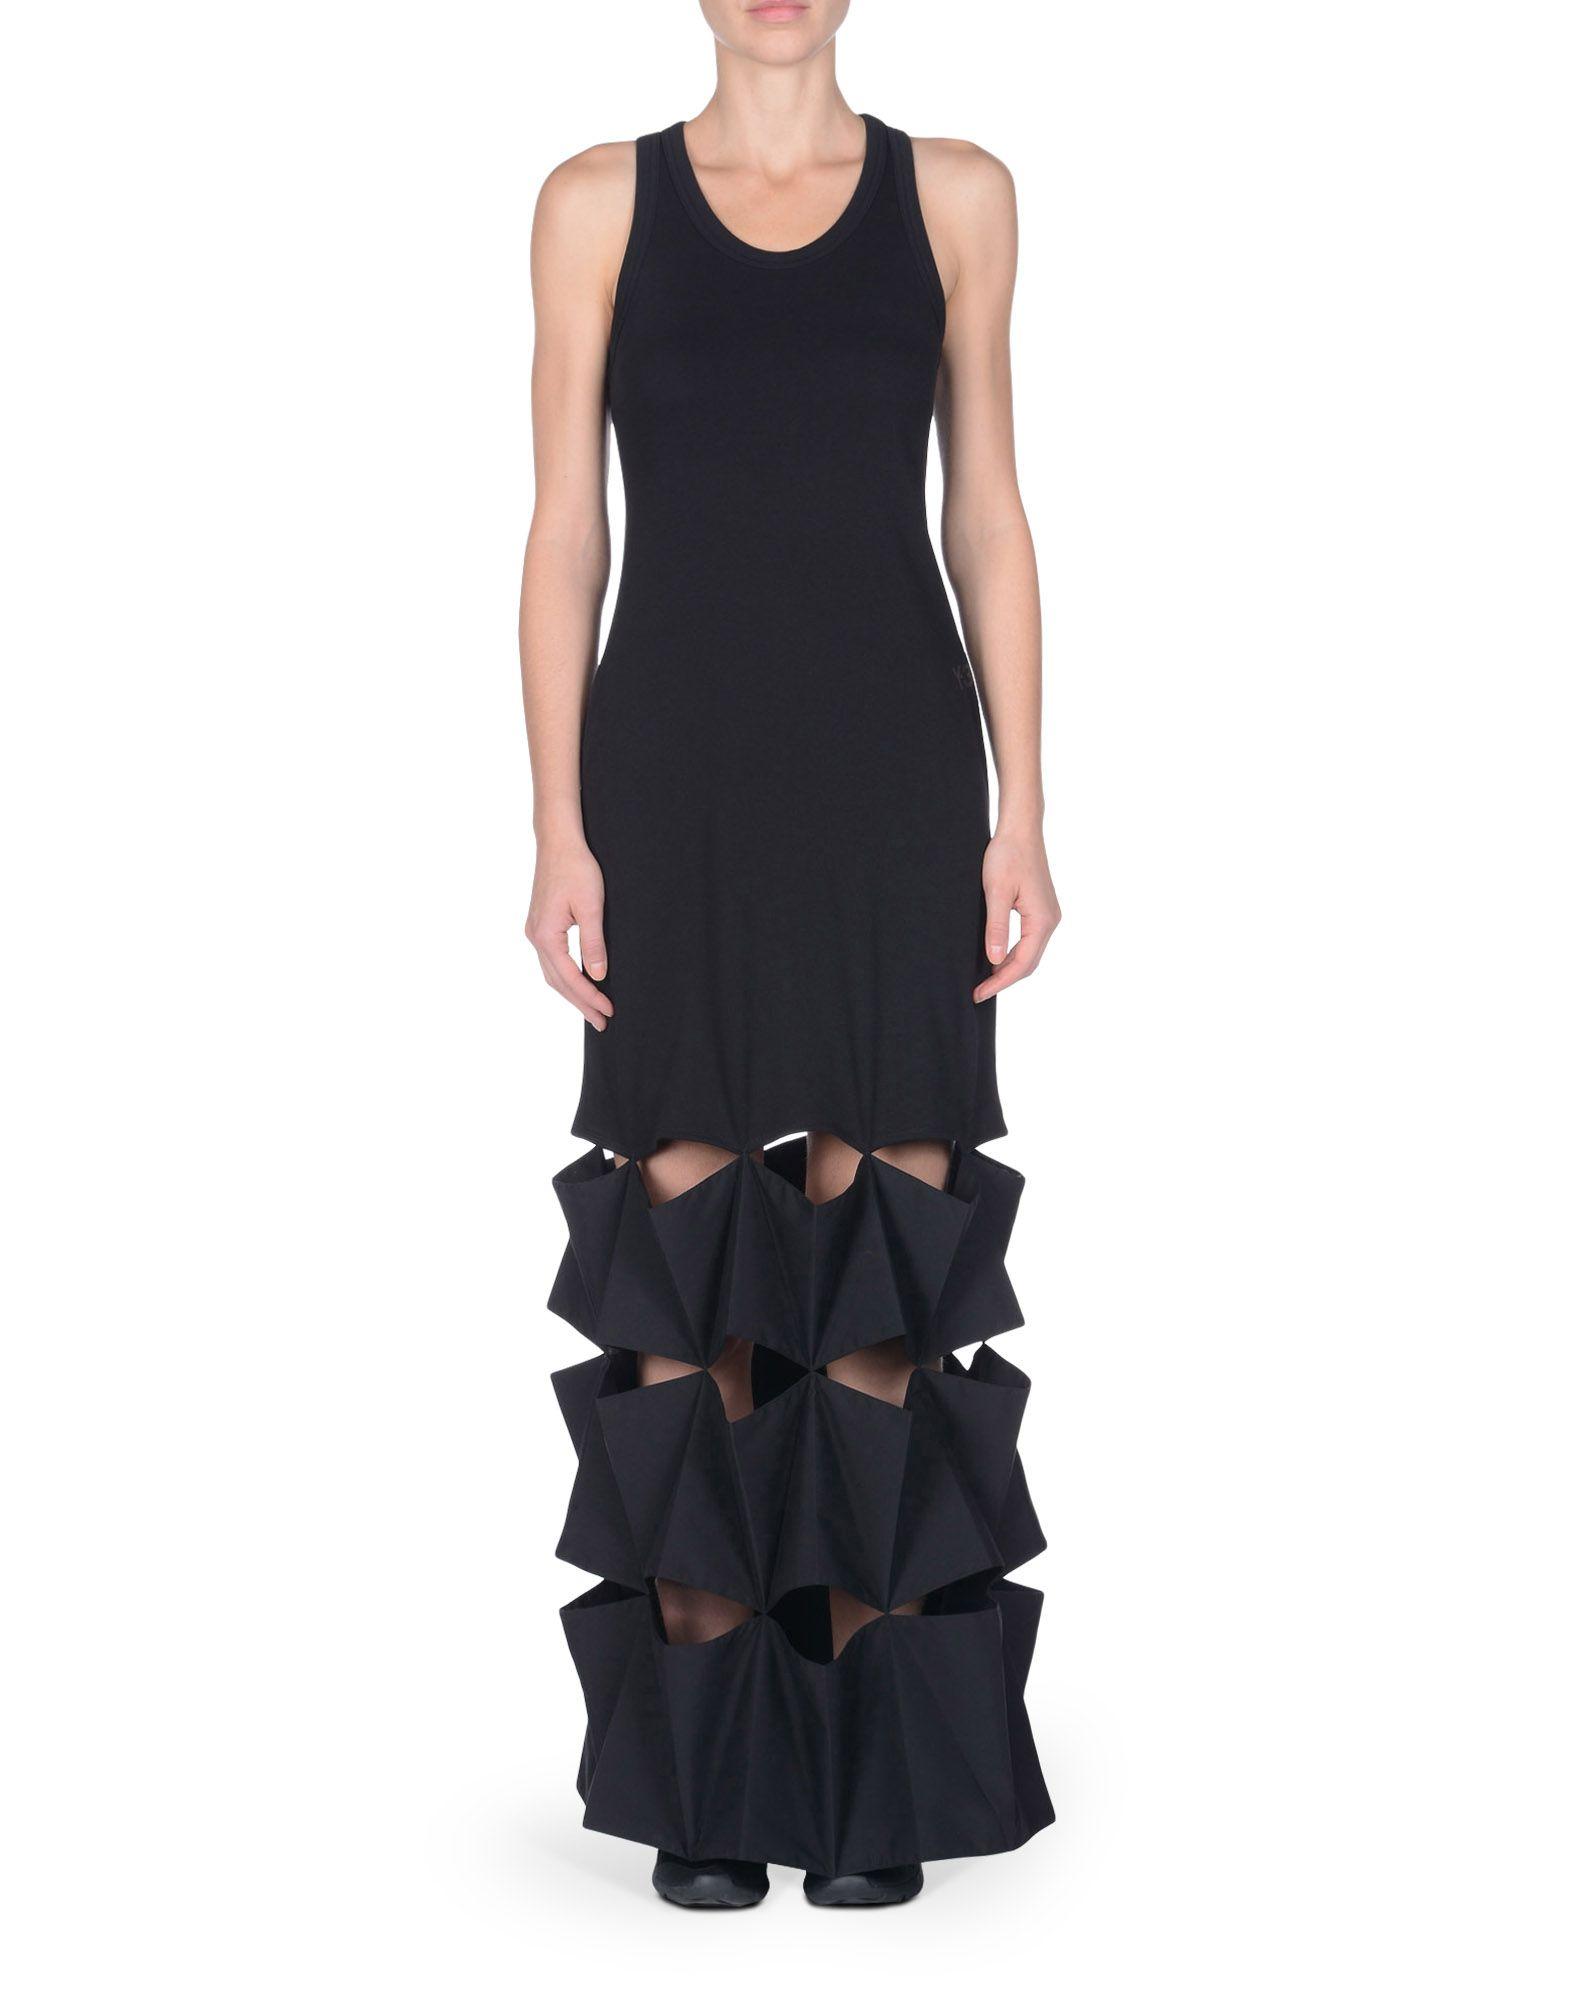 Y-3 dress lace